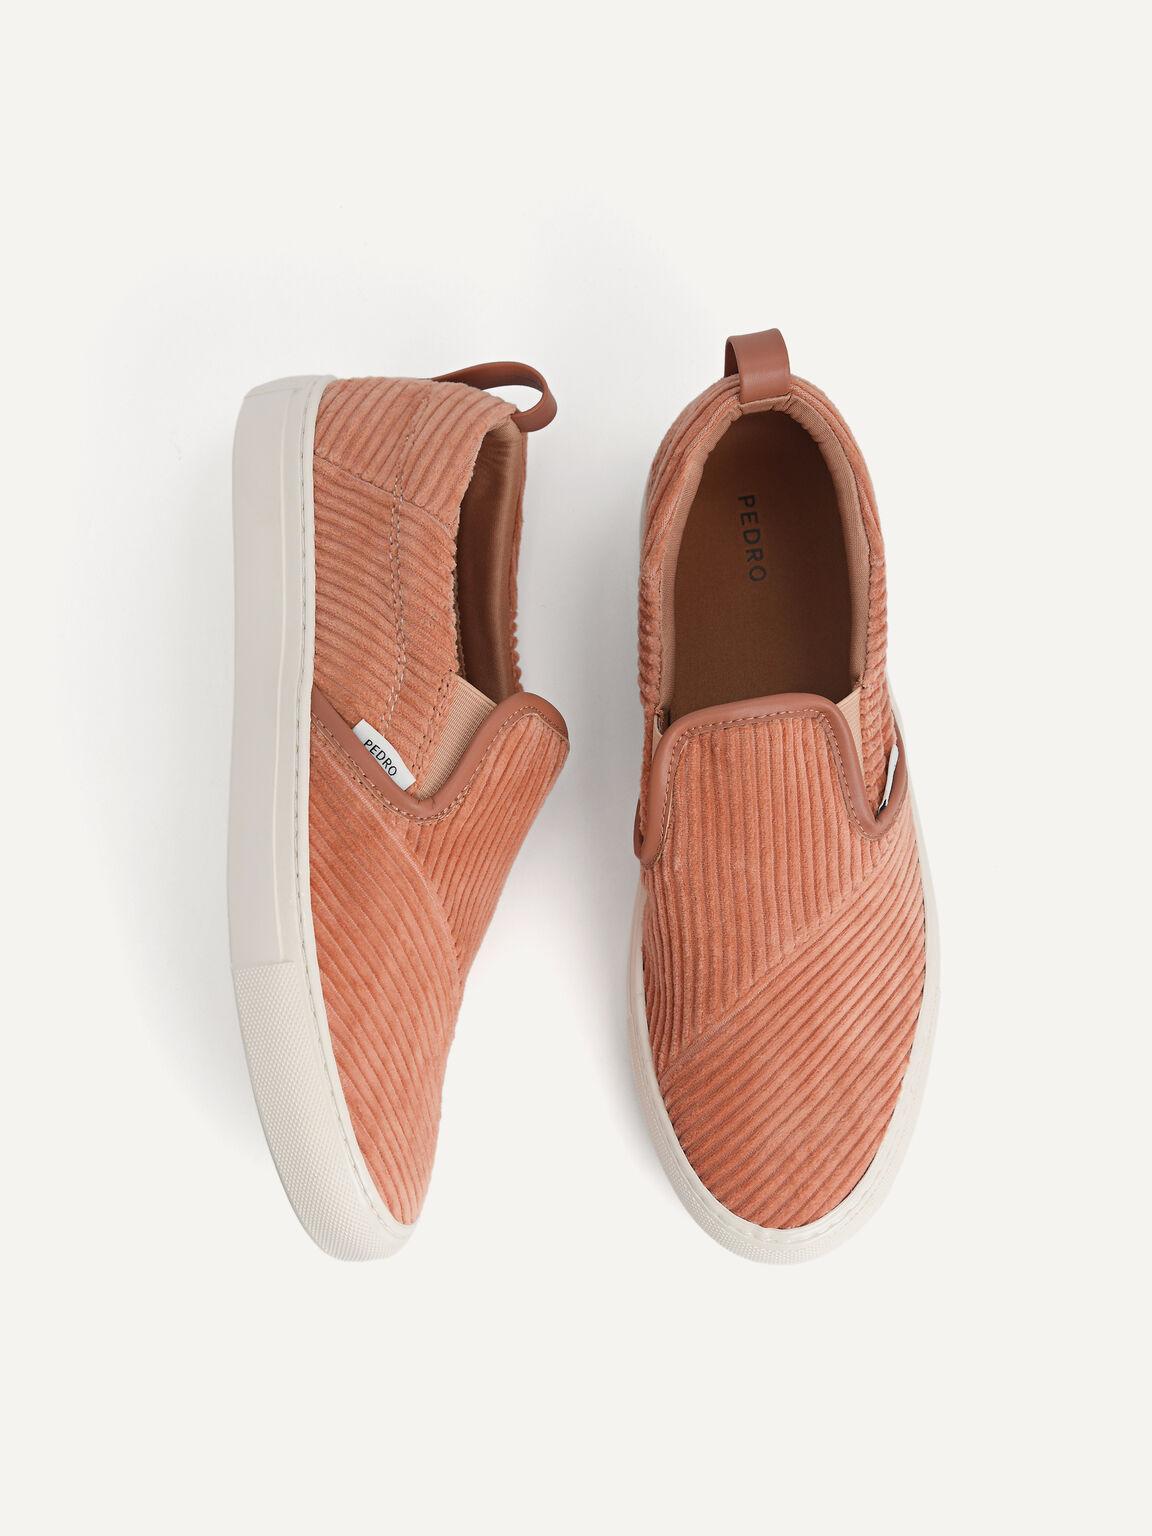 Corduroy Slip-On Sneakers, Walnut, hi-res